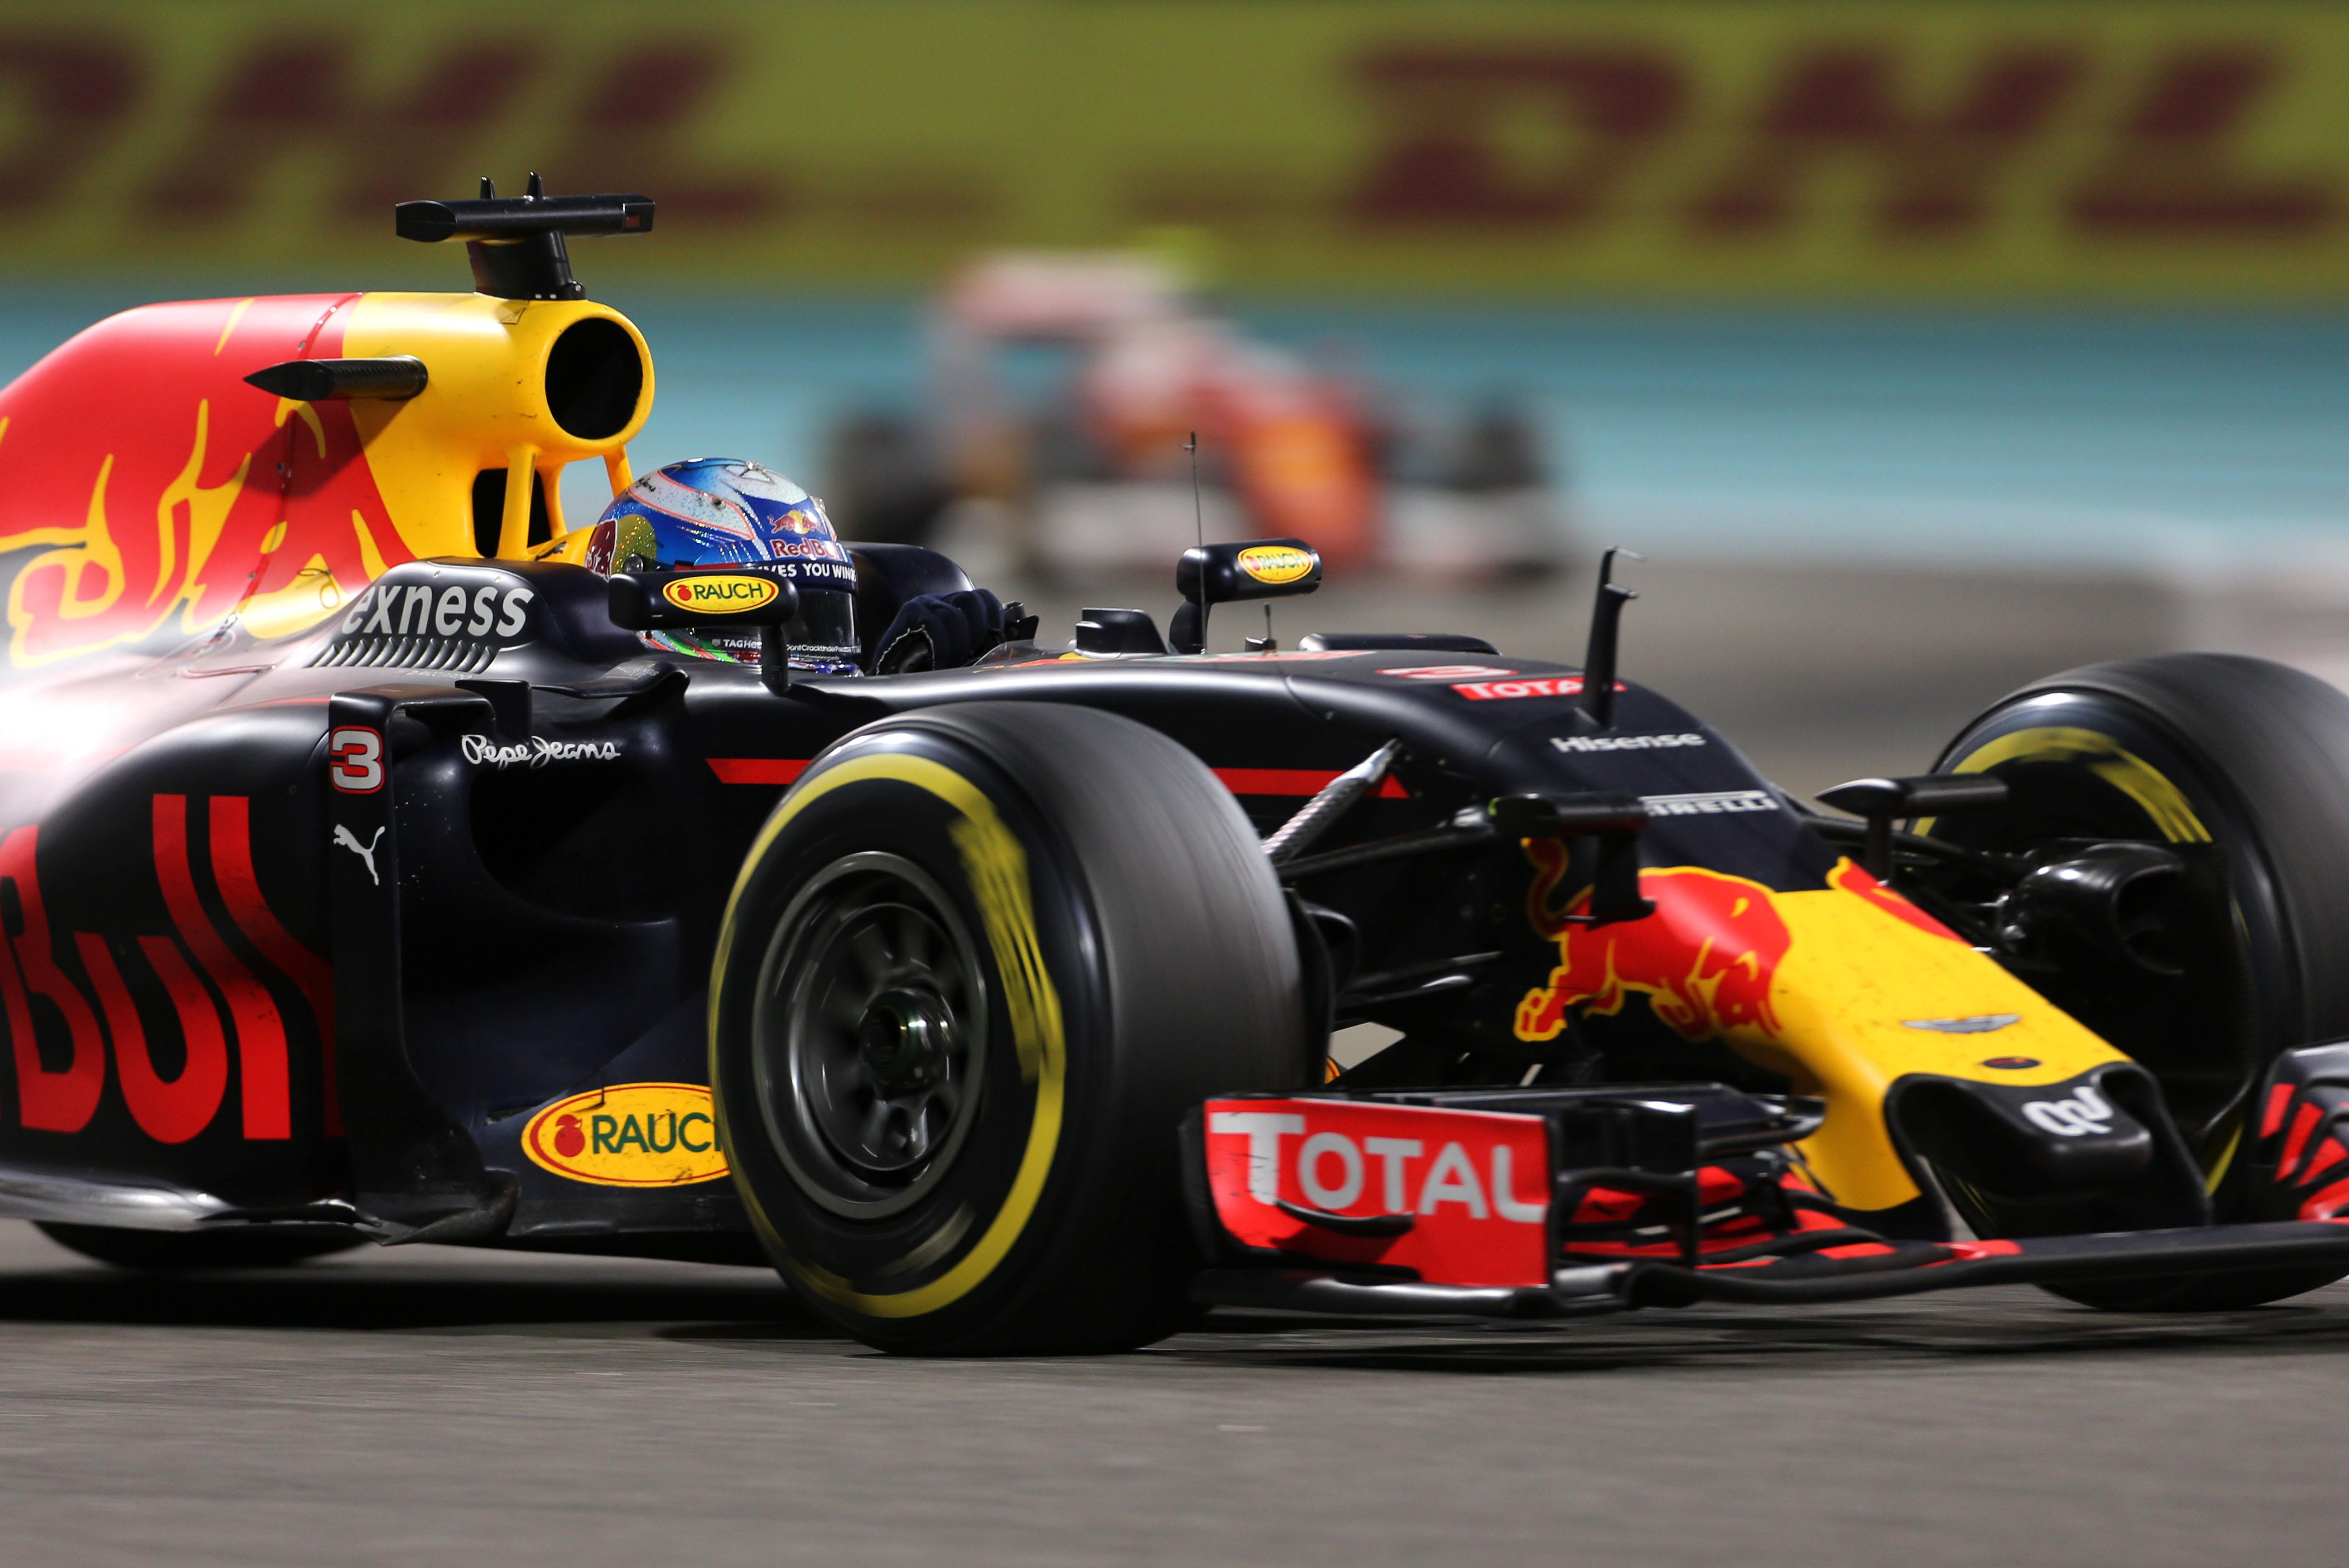 Daniel Ricciardo - Red Bull Racing [2016]